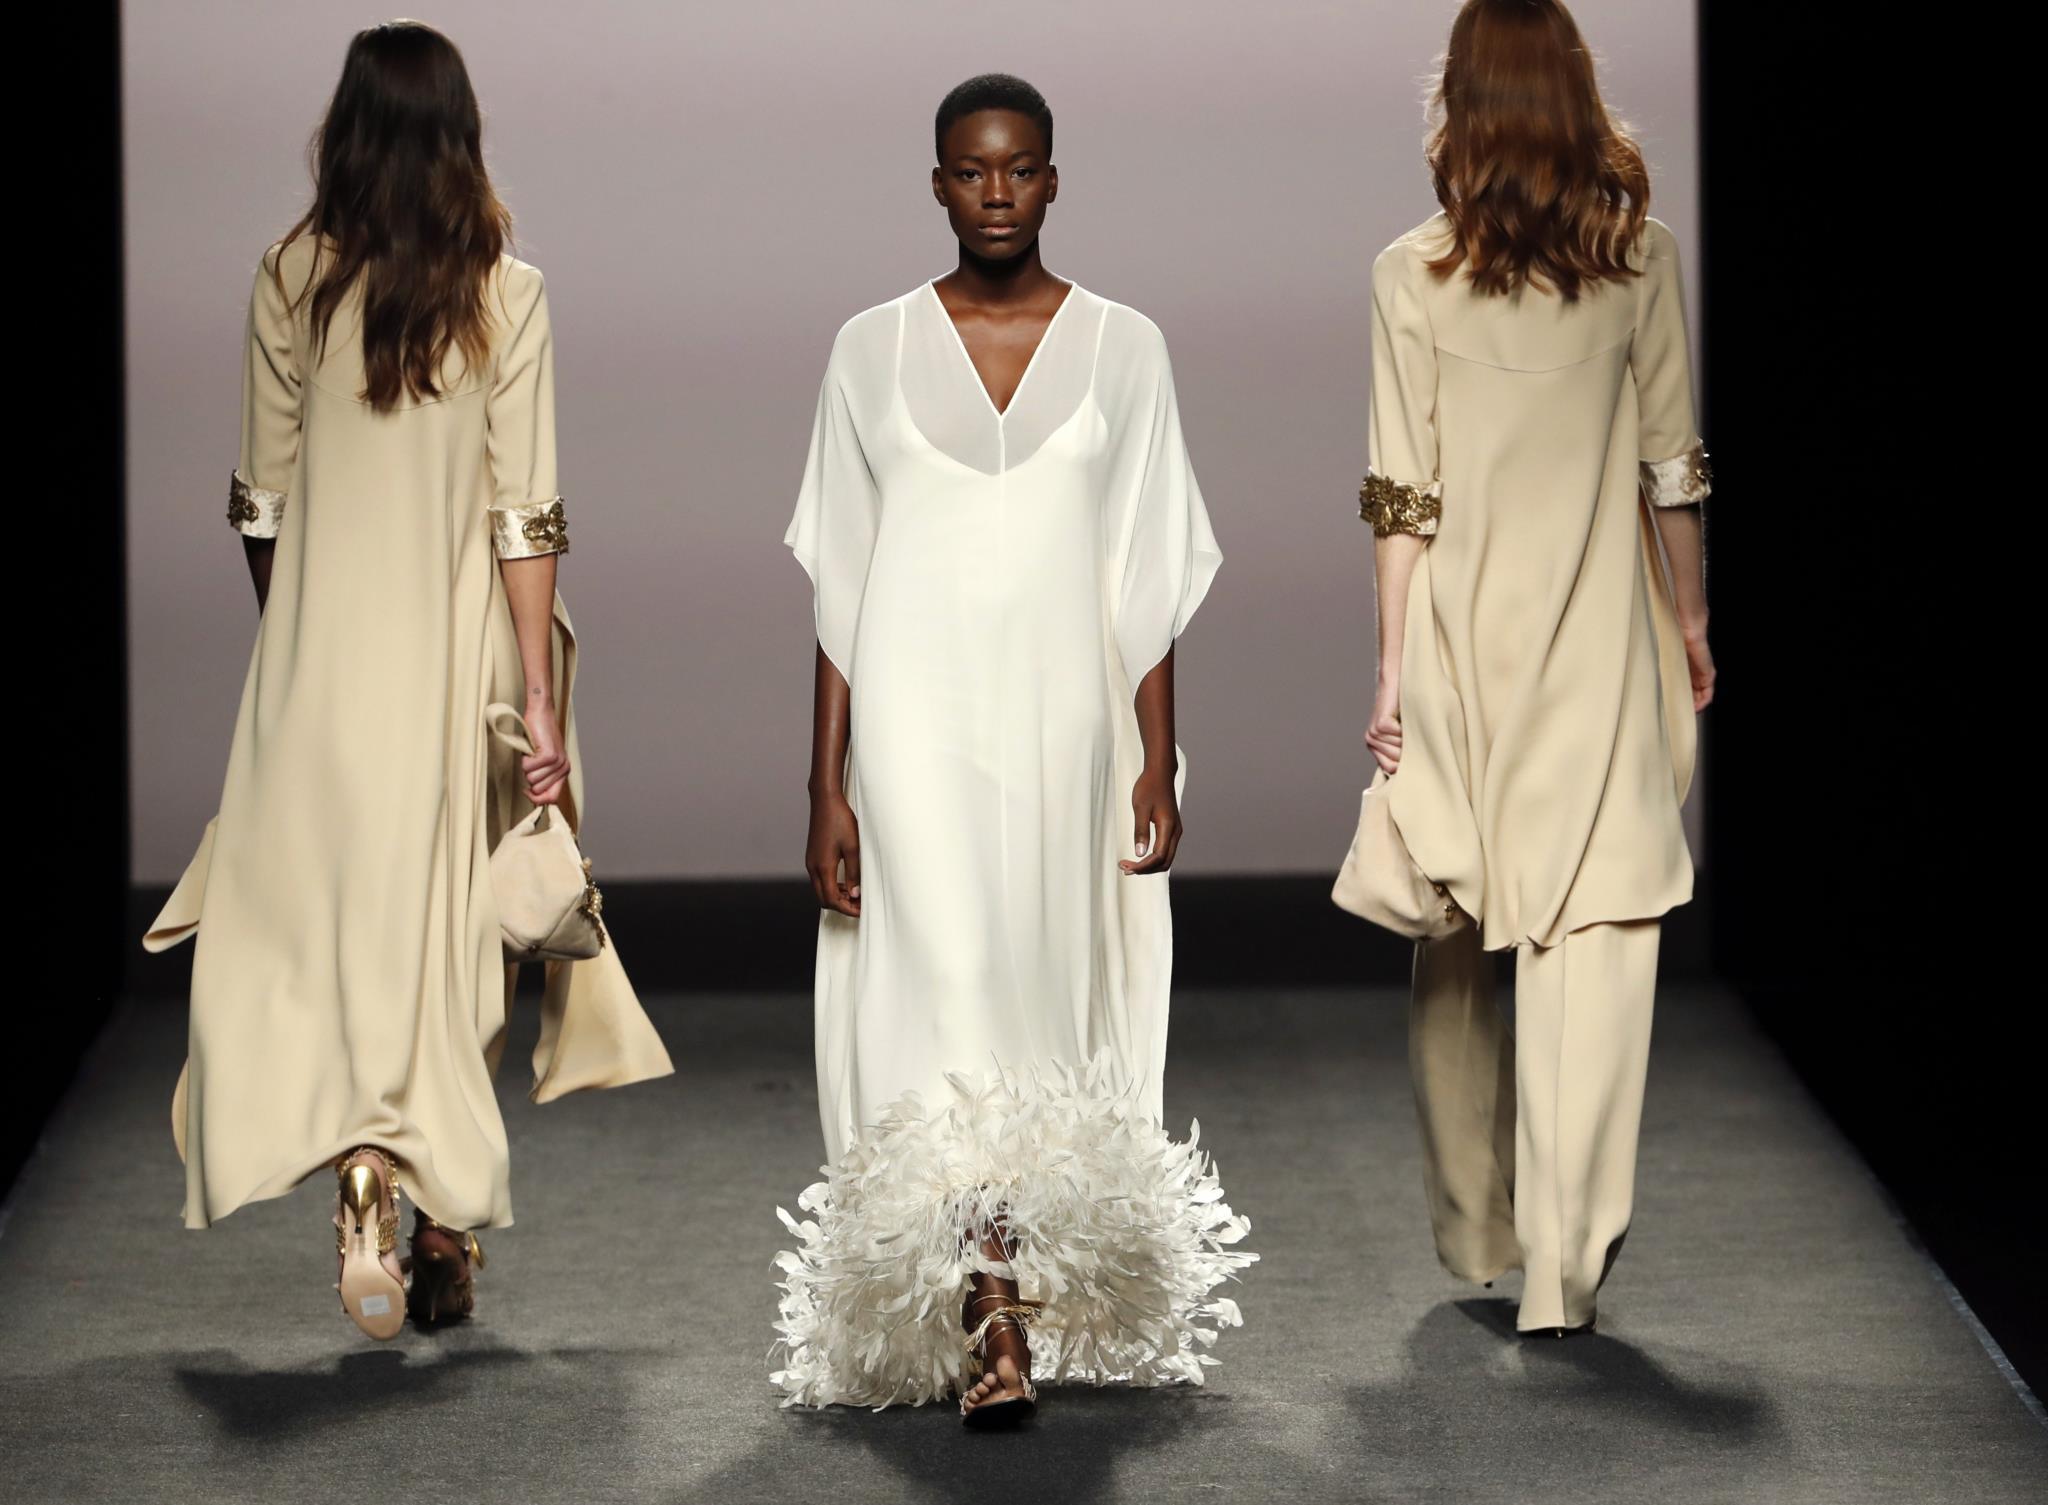 Carlos Ramos, Ana Trindade e Nuno Beja expõem fotografias sobre moda